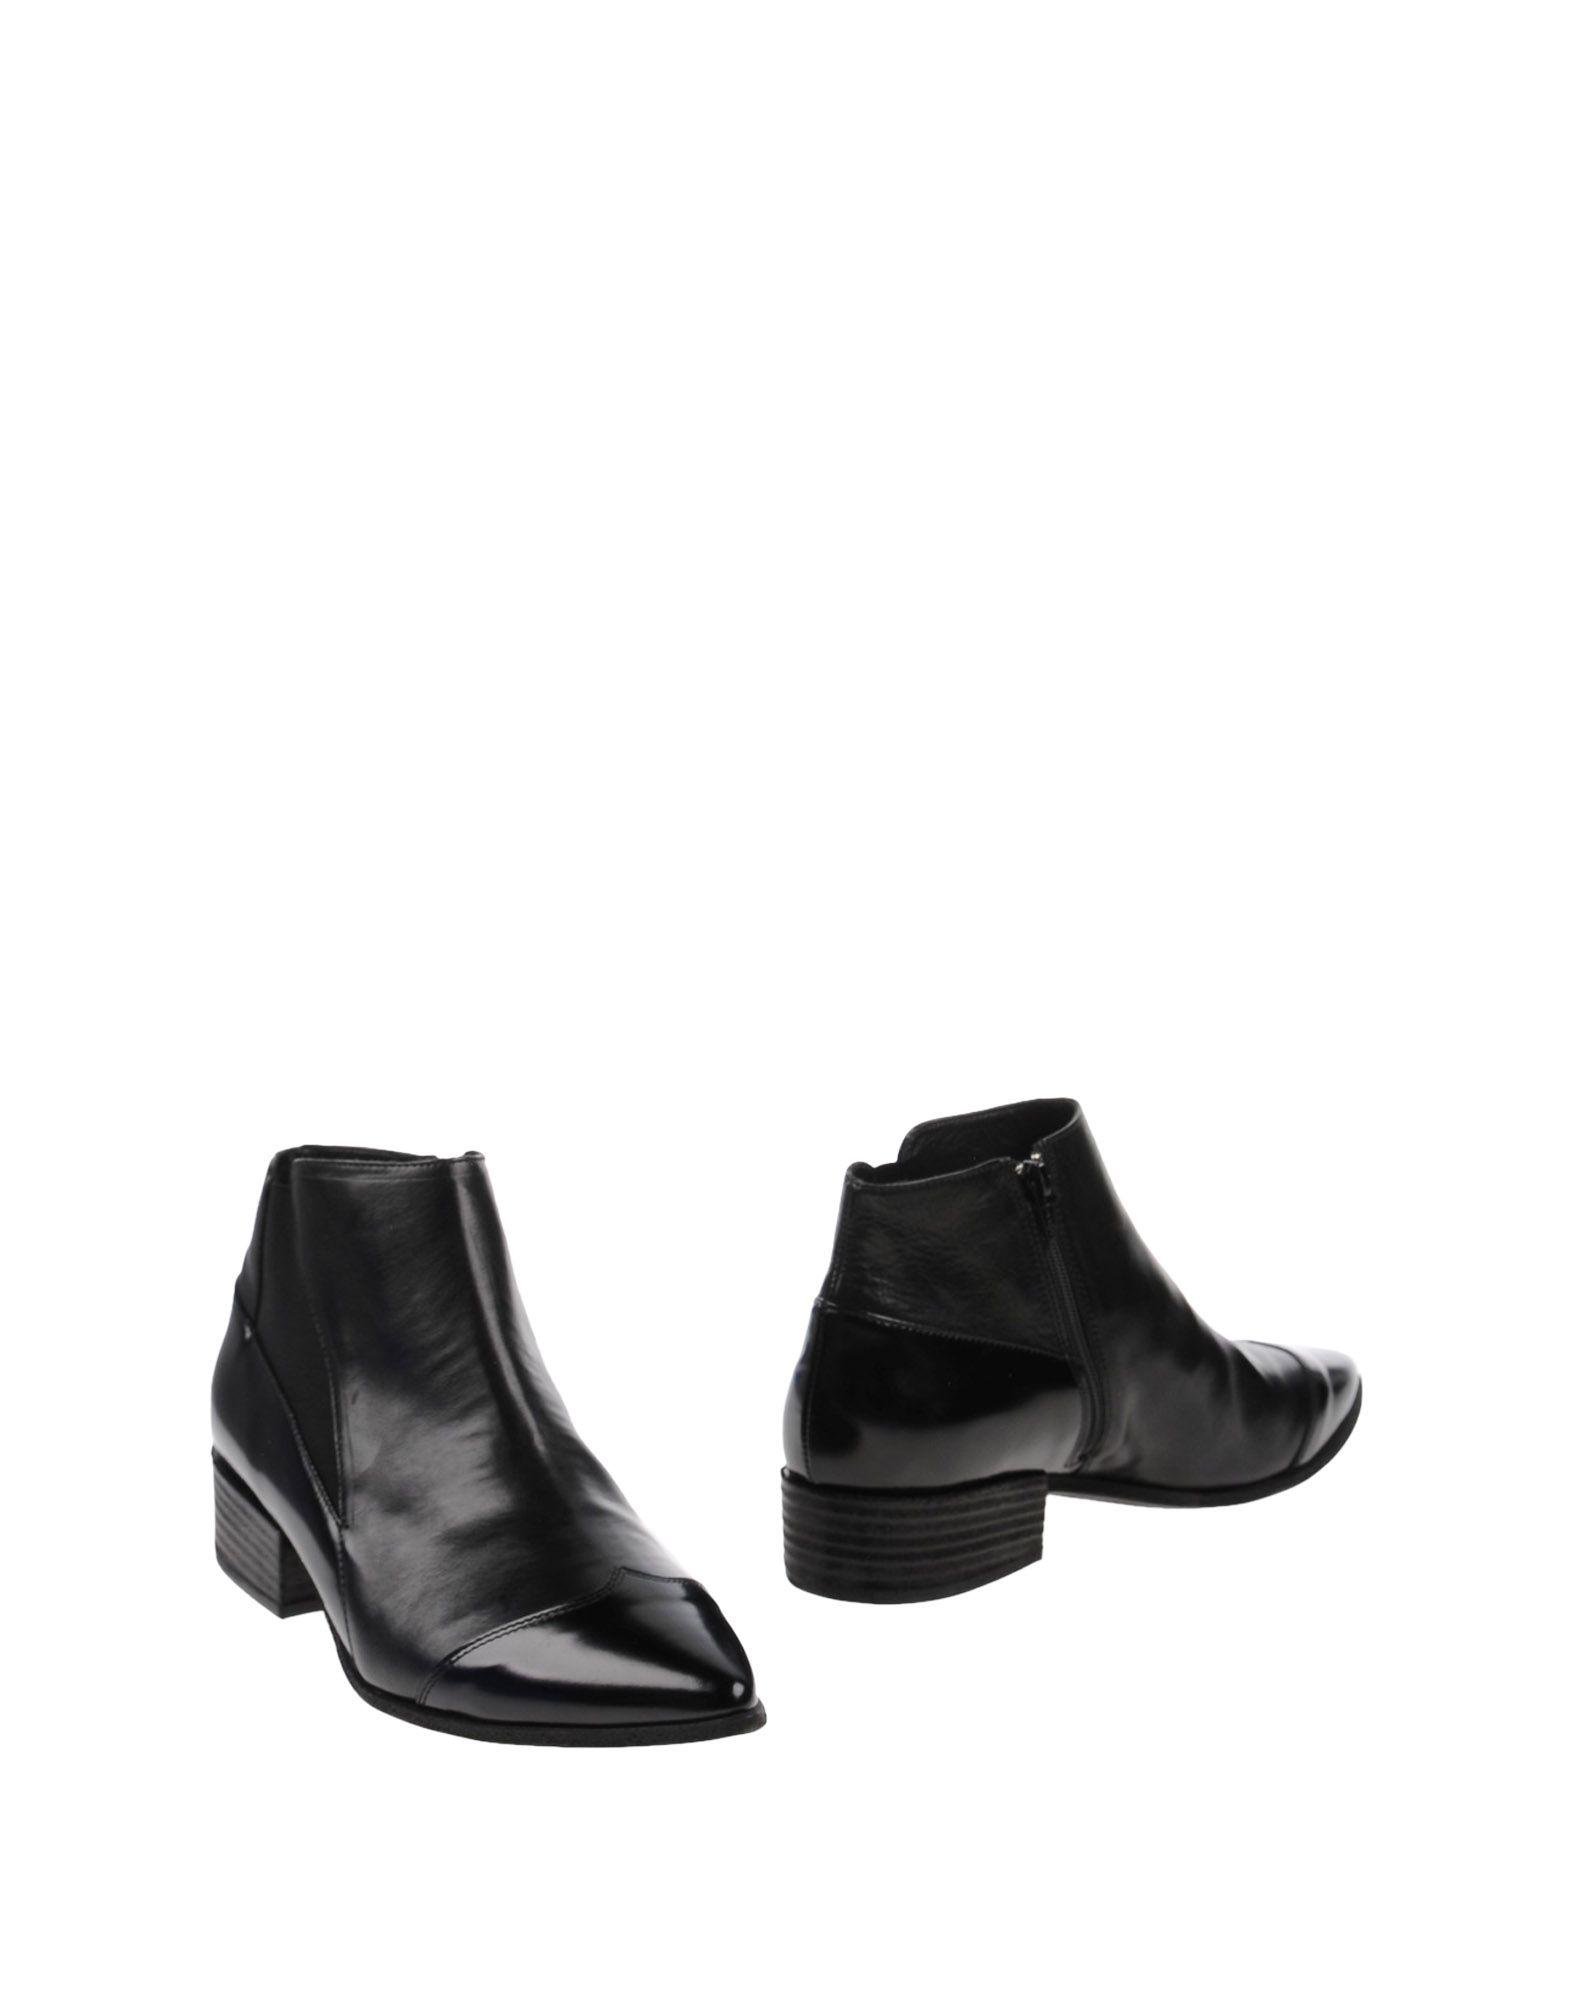 87 VIC MATIĒ Полусапоги и высокие ботинки цены онлайн